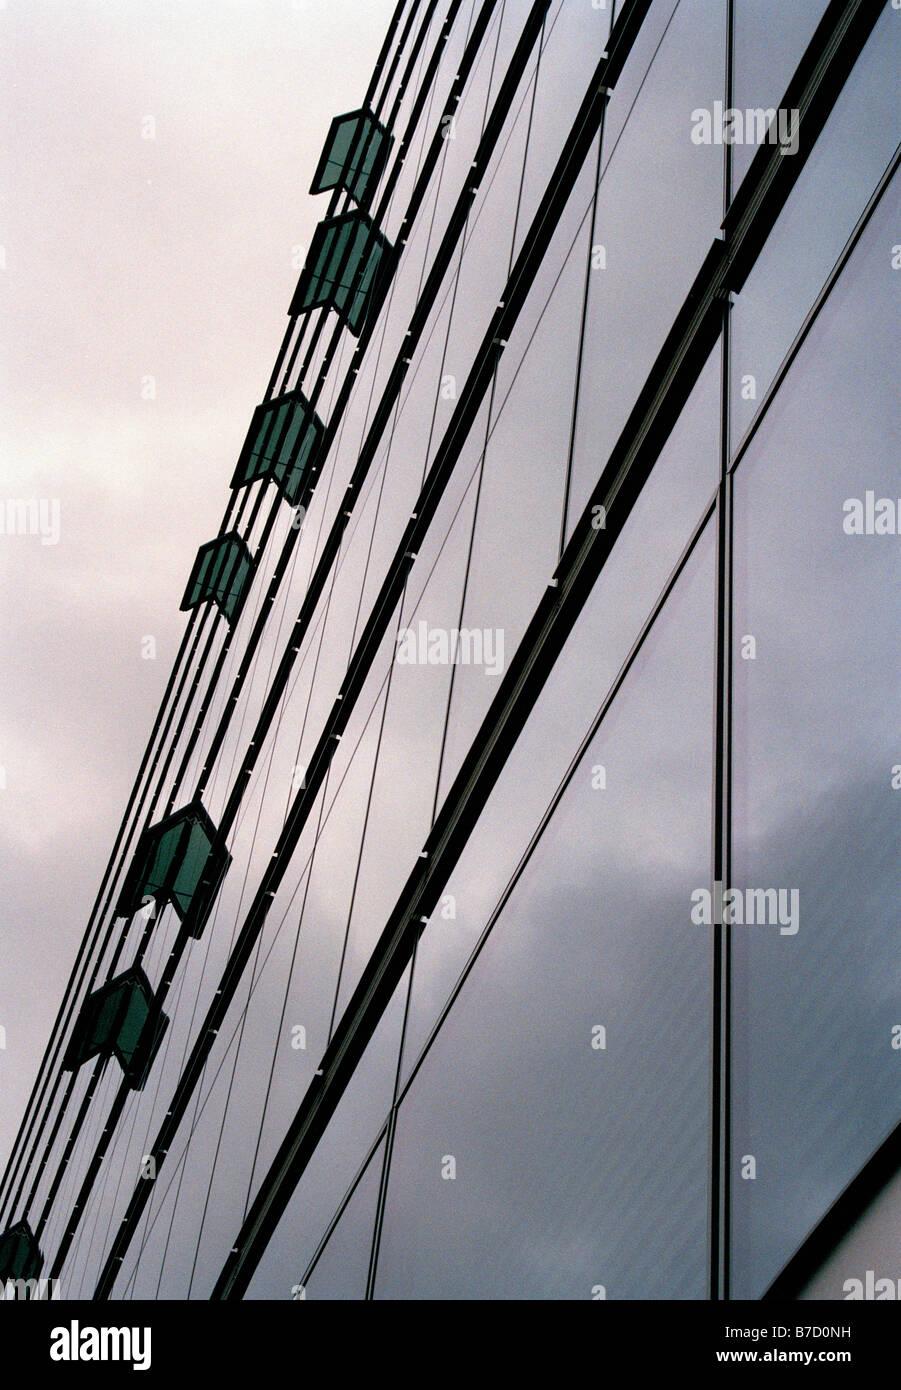 A skyscraper, unusual angle - Stock Image